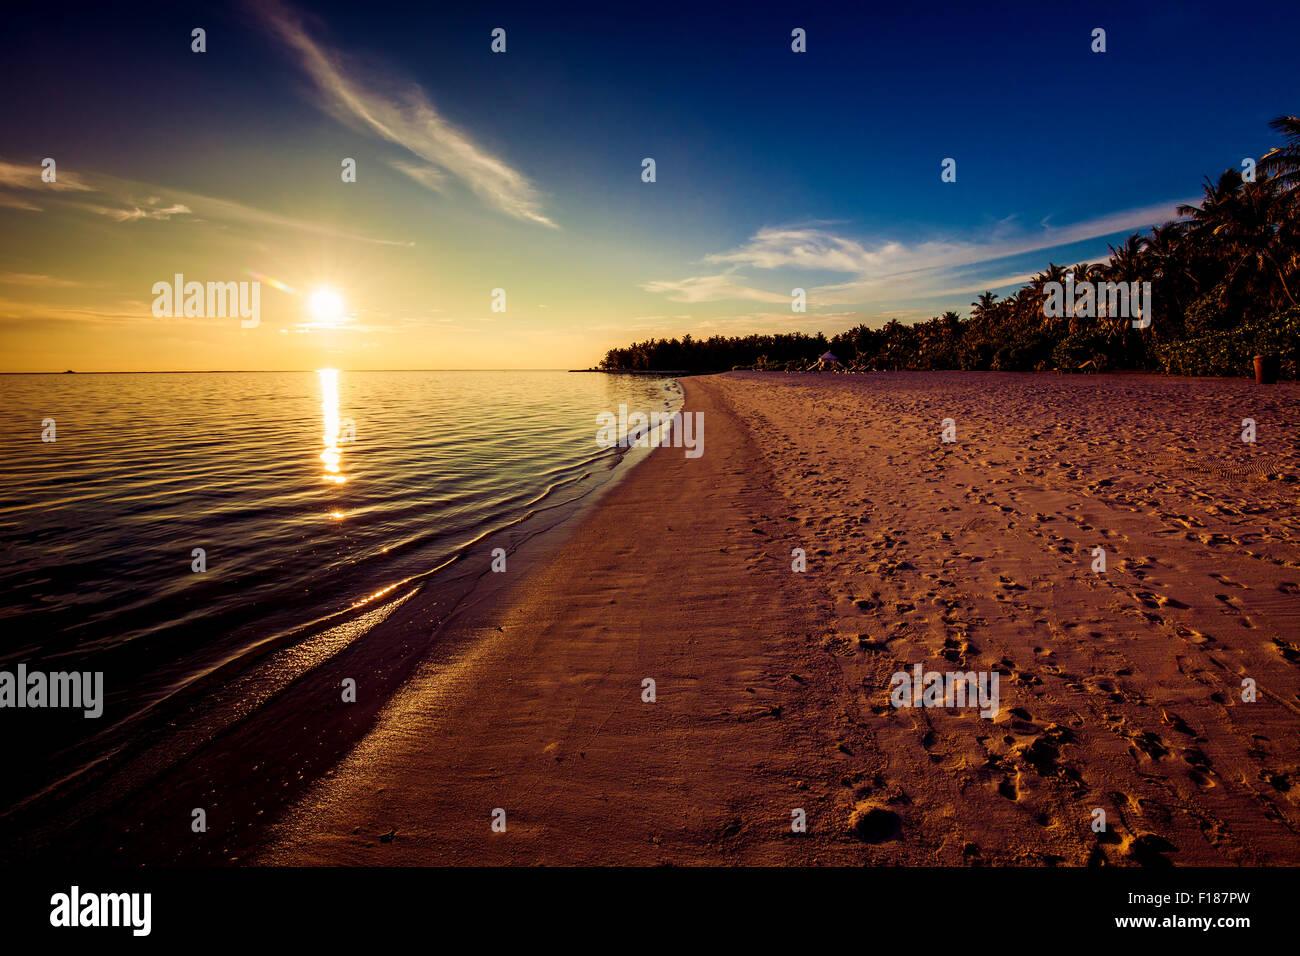 Huellas en la playa tropical al atardecer con el sol sobre el océano Imagen De Stock